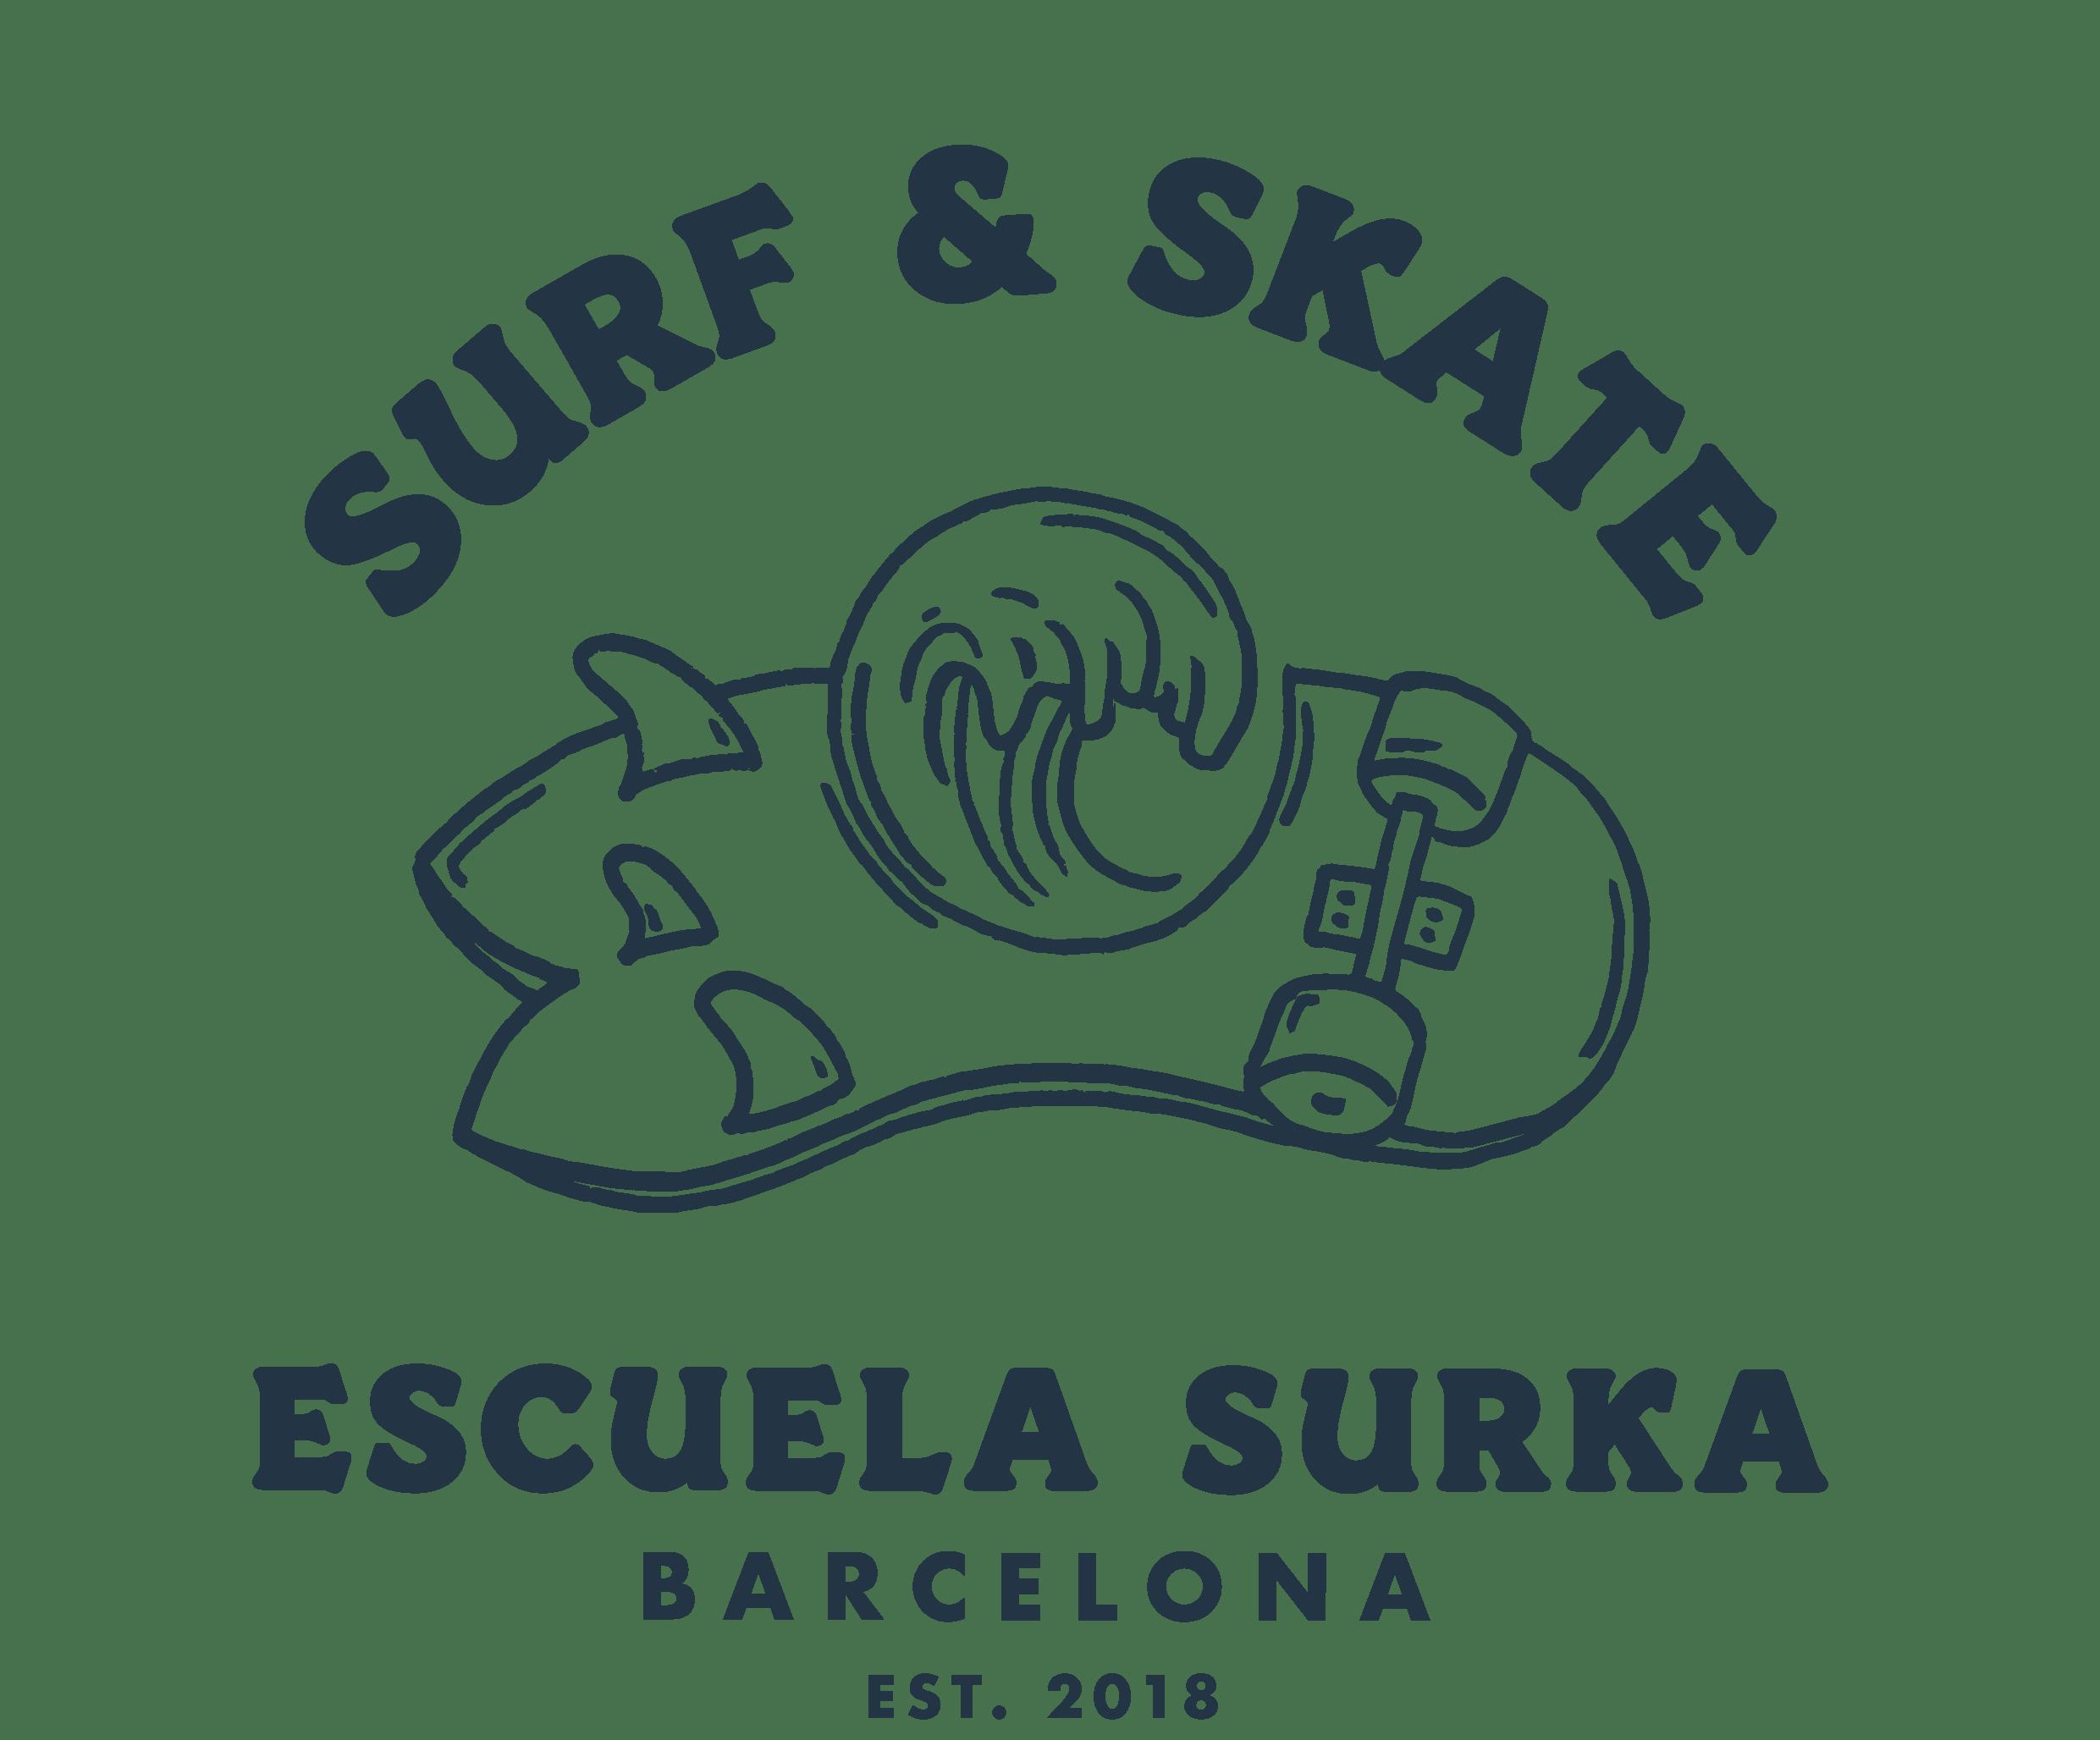 Escuela de surfskate Surka